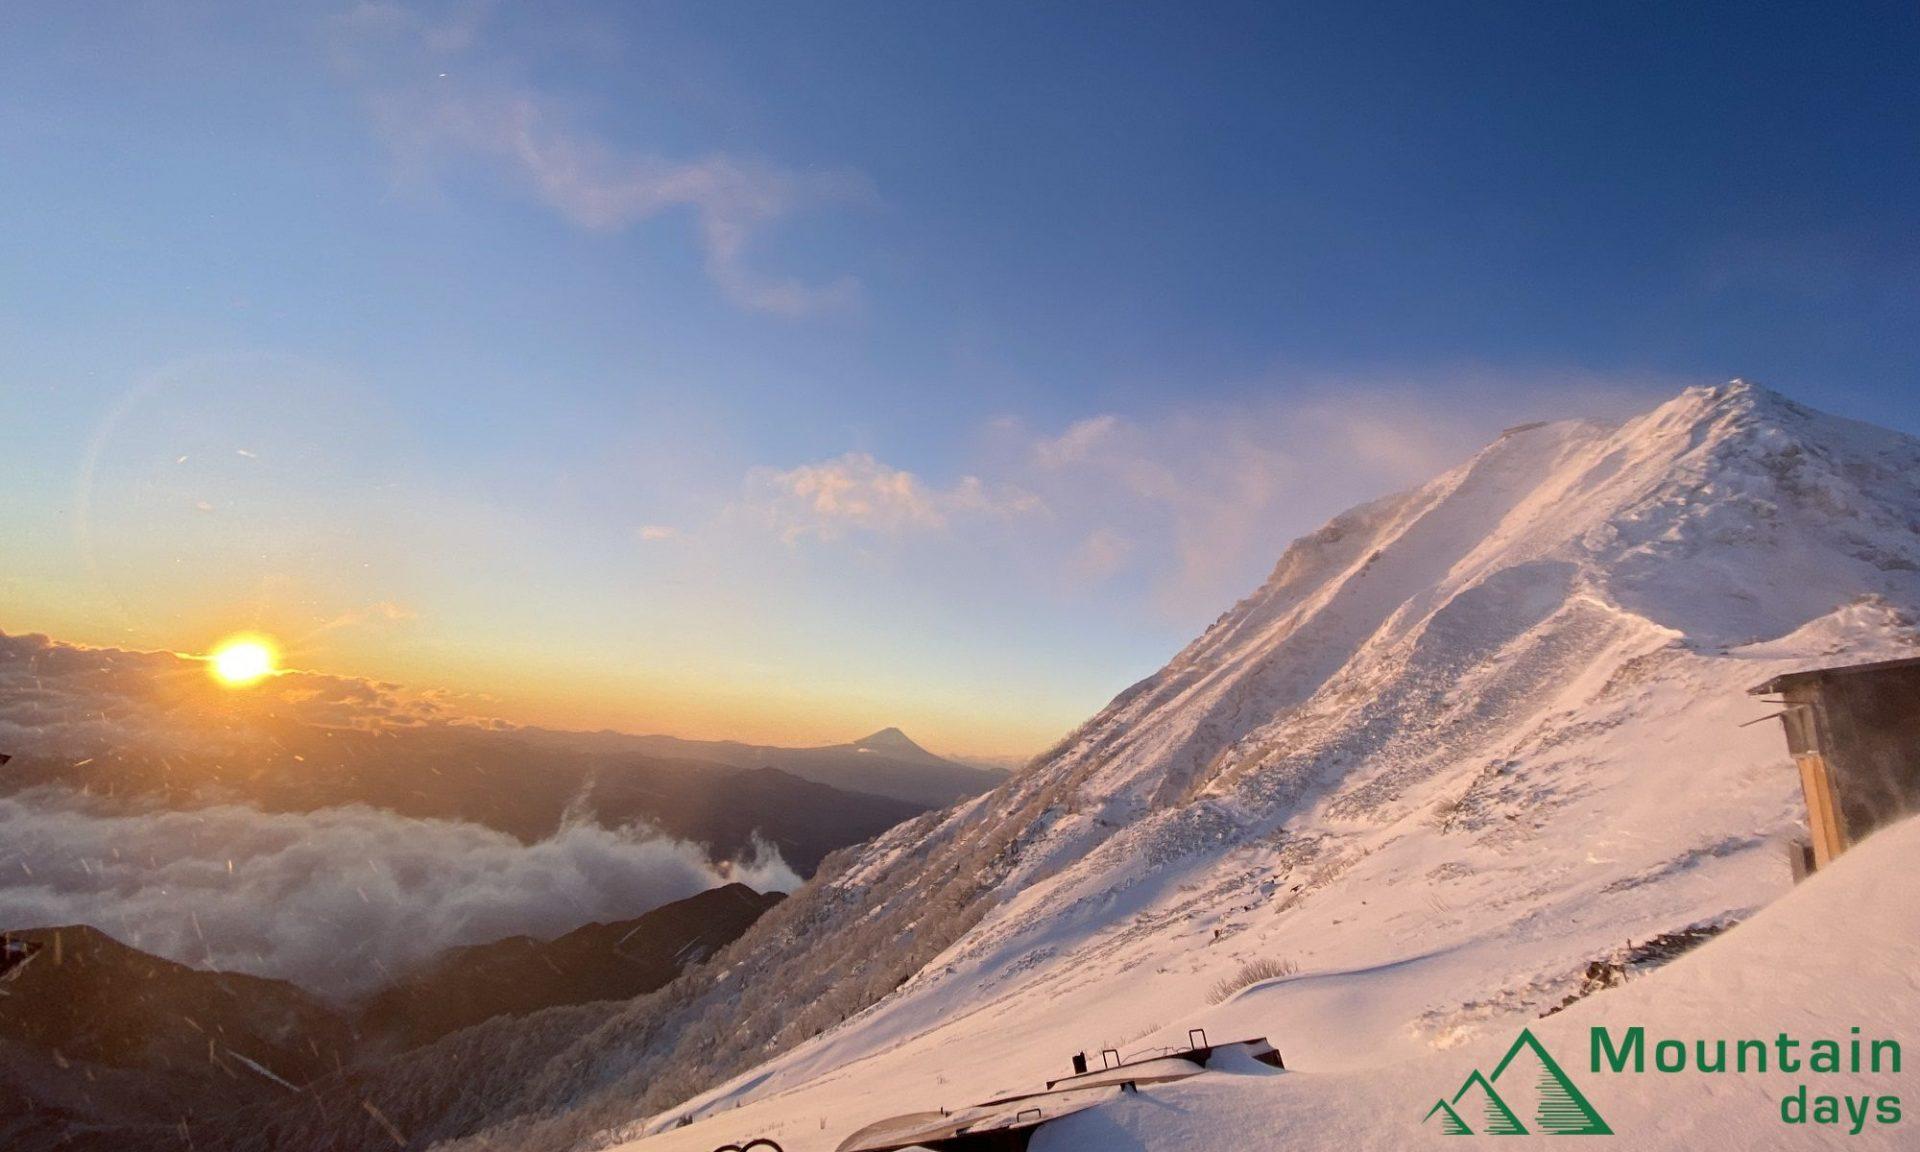 雪山でも人気の山赤岳に山ガールまりちゃんが登ります!赤岳から見えるご来光や山頂からの絶景をお届けします。